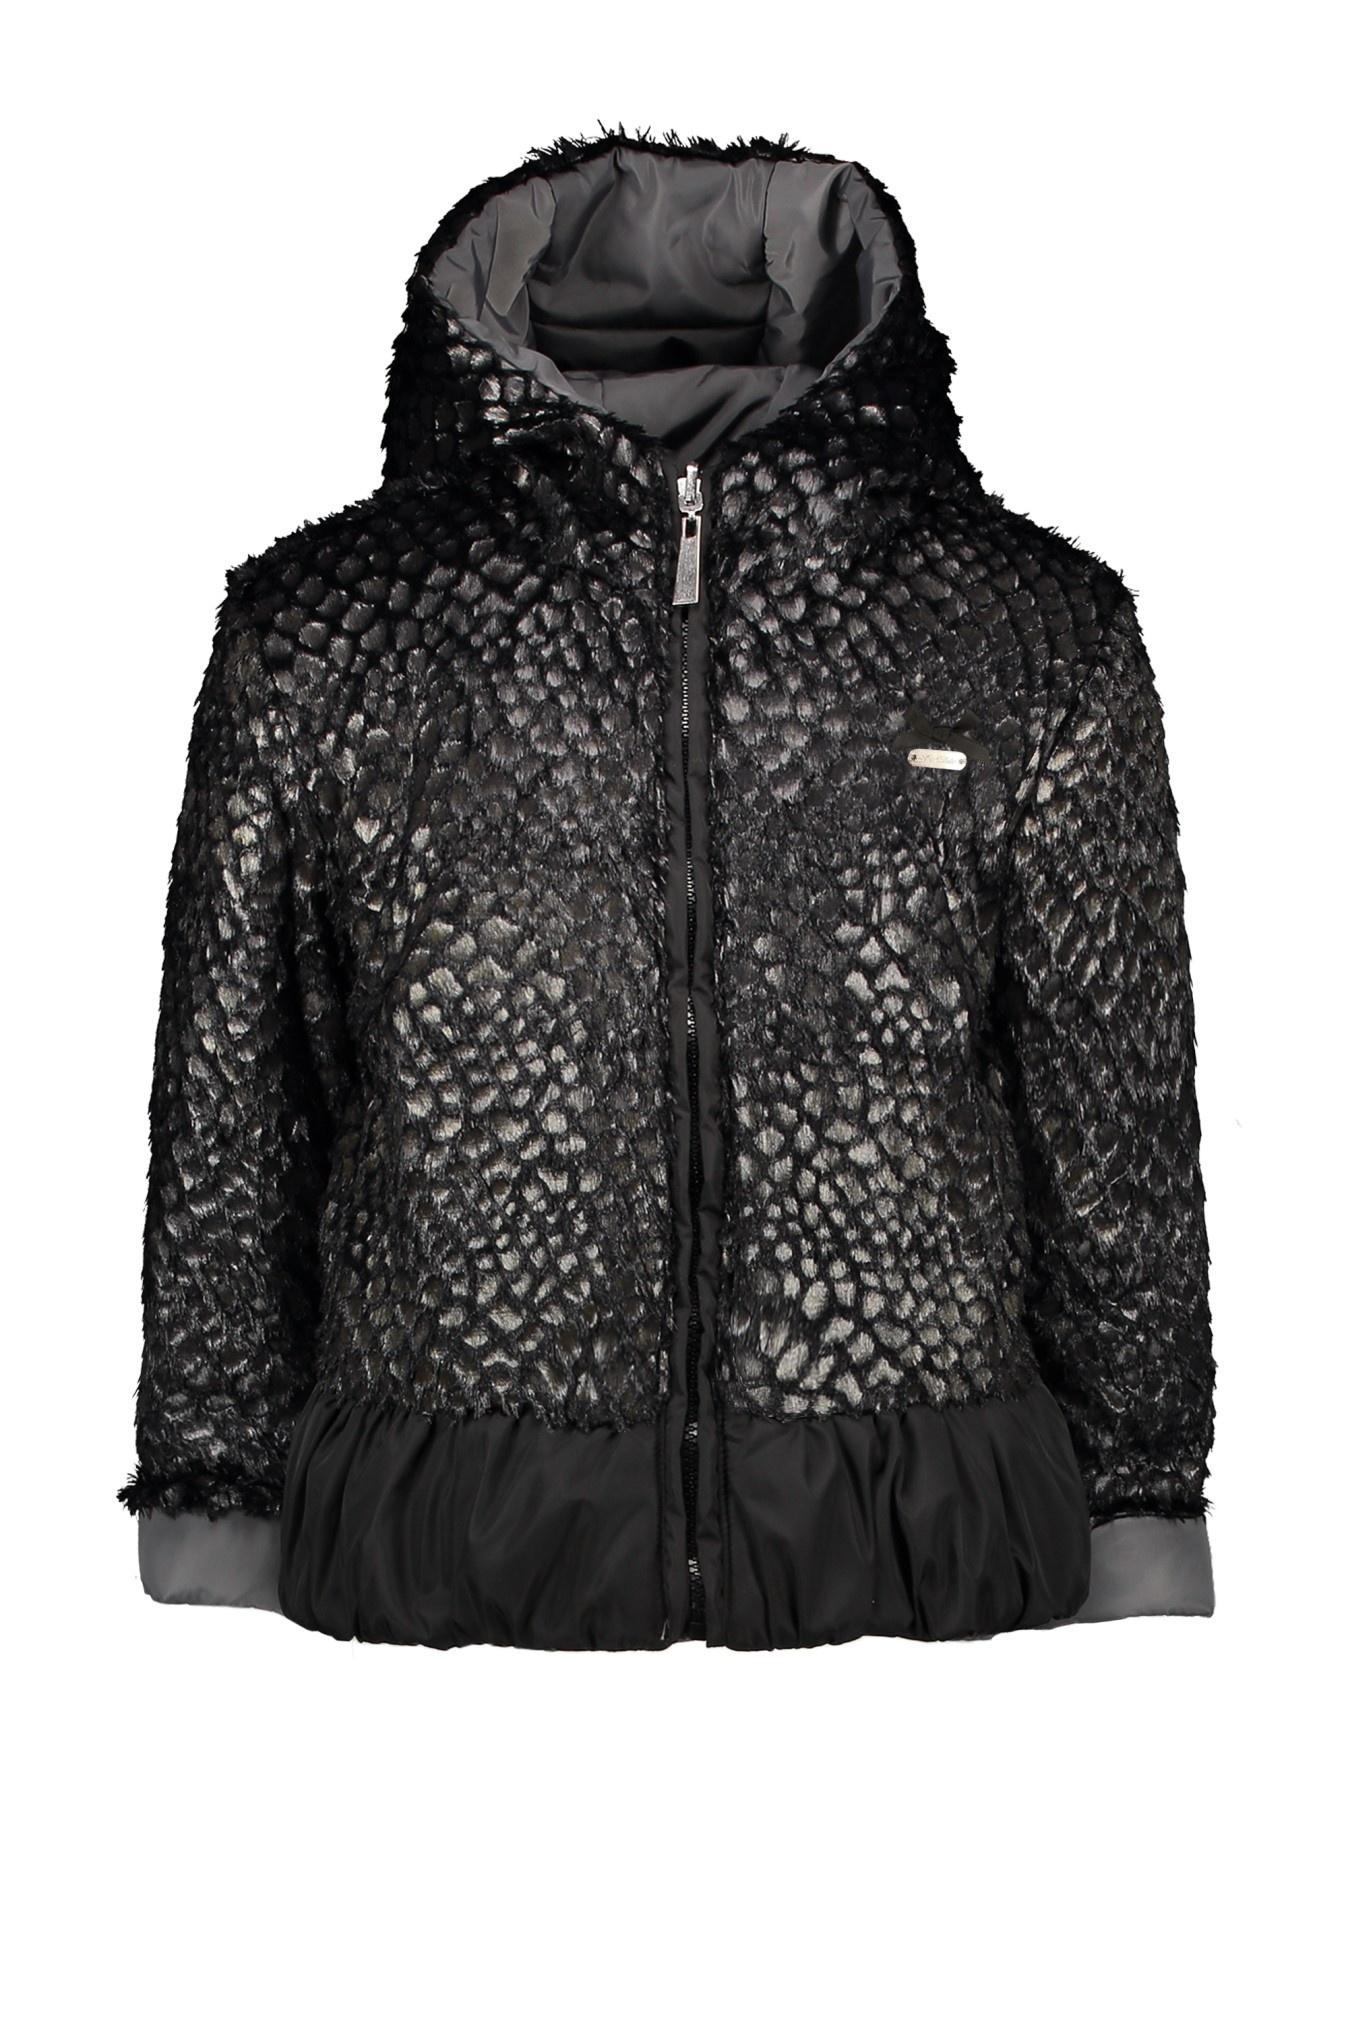 Lechic Le Chic AW21 Bobbi Reversible Jacket 5207